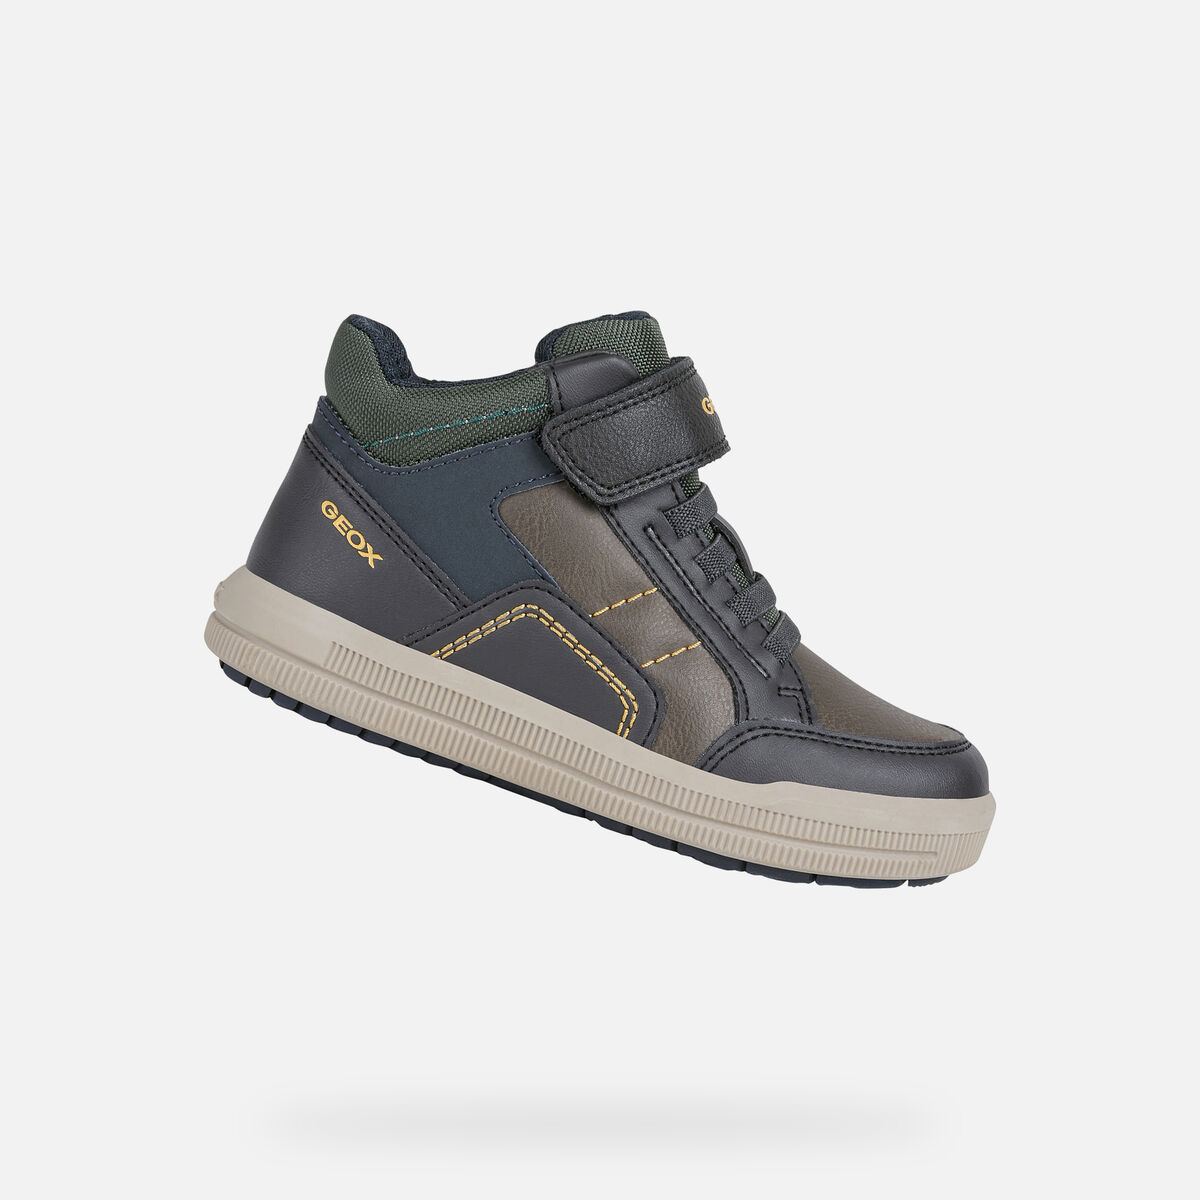 GEOX dětské kotníkové boty ARZACH BOY šedé - modré - J044AA